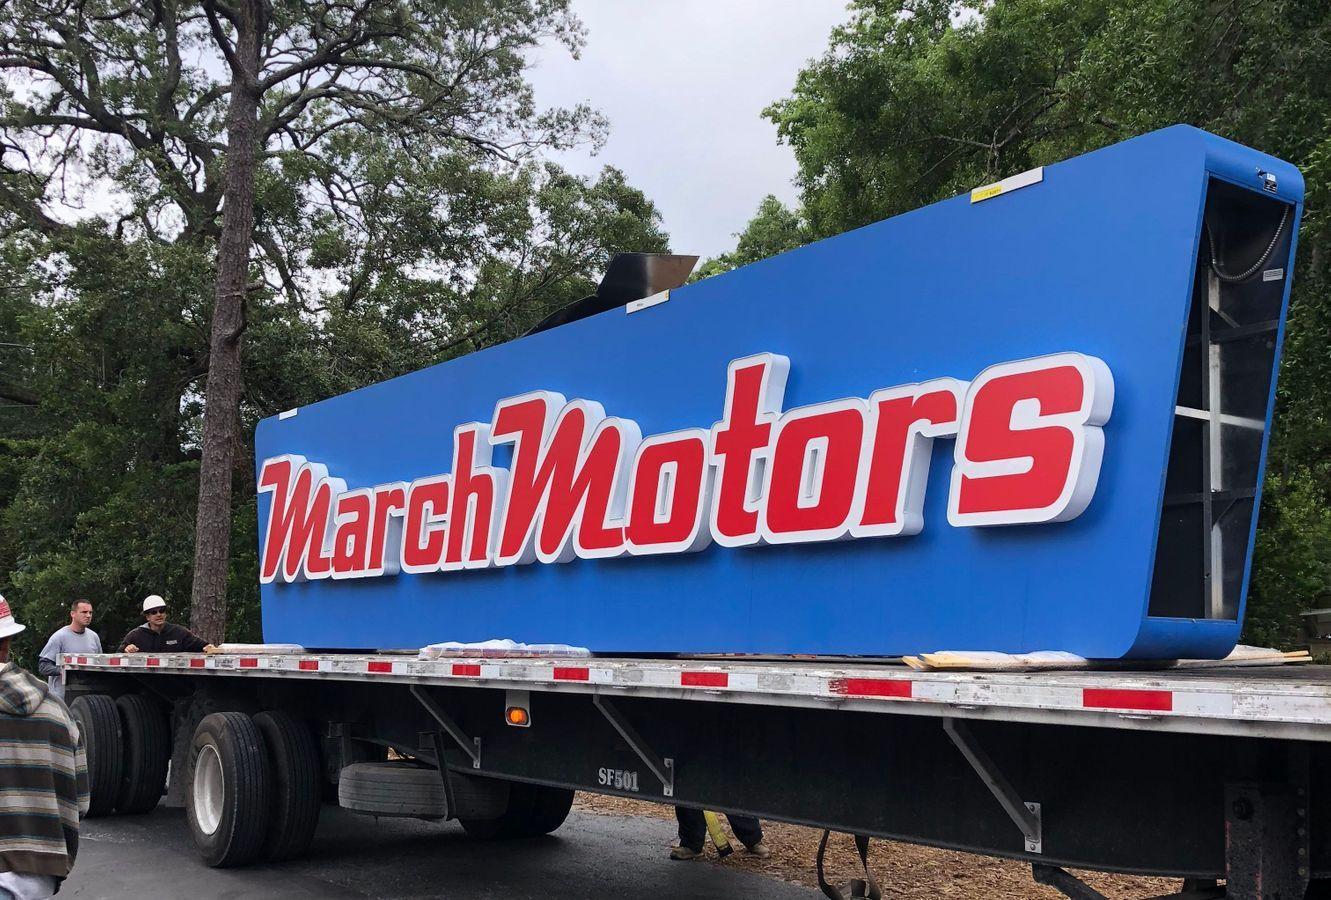 march motors 2